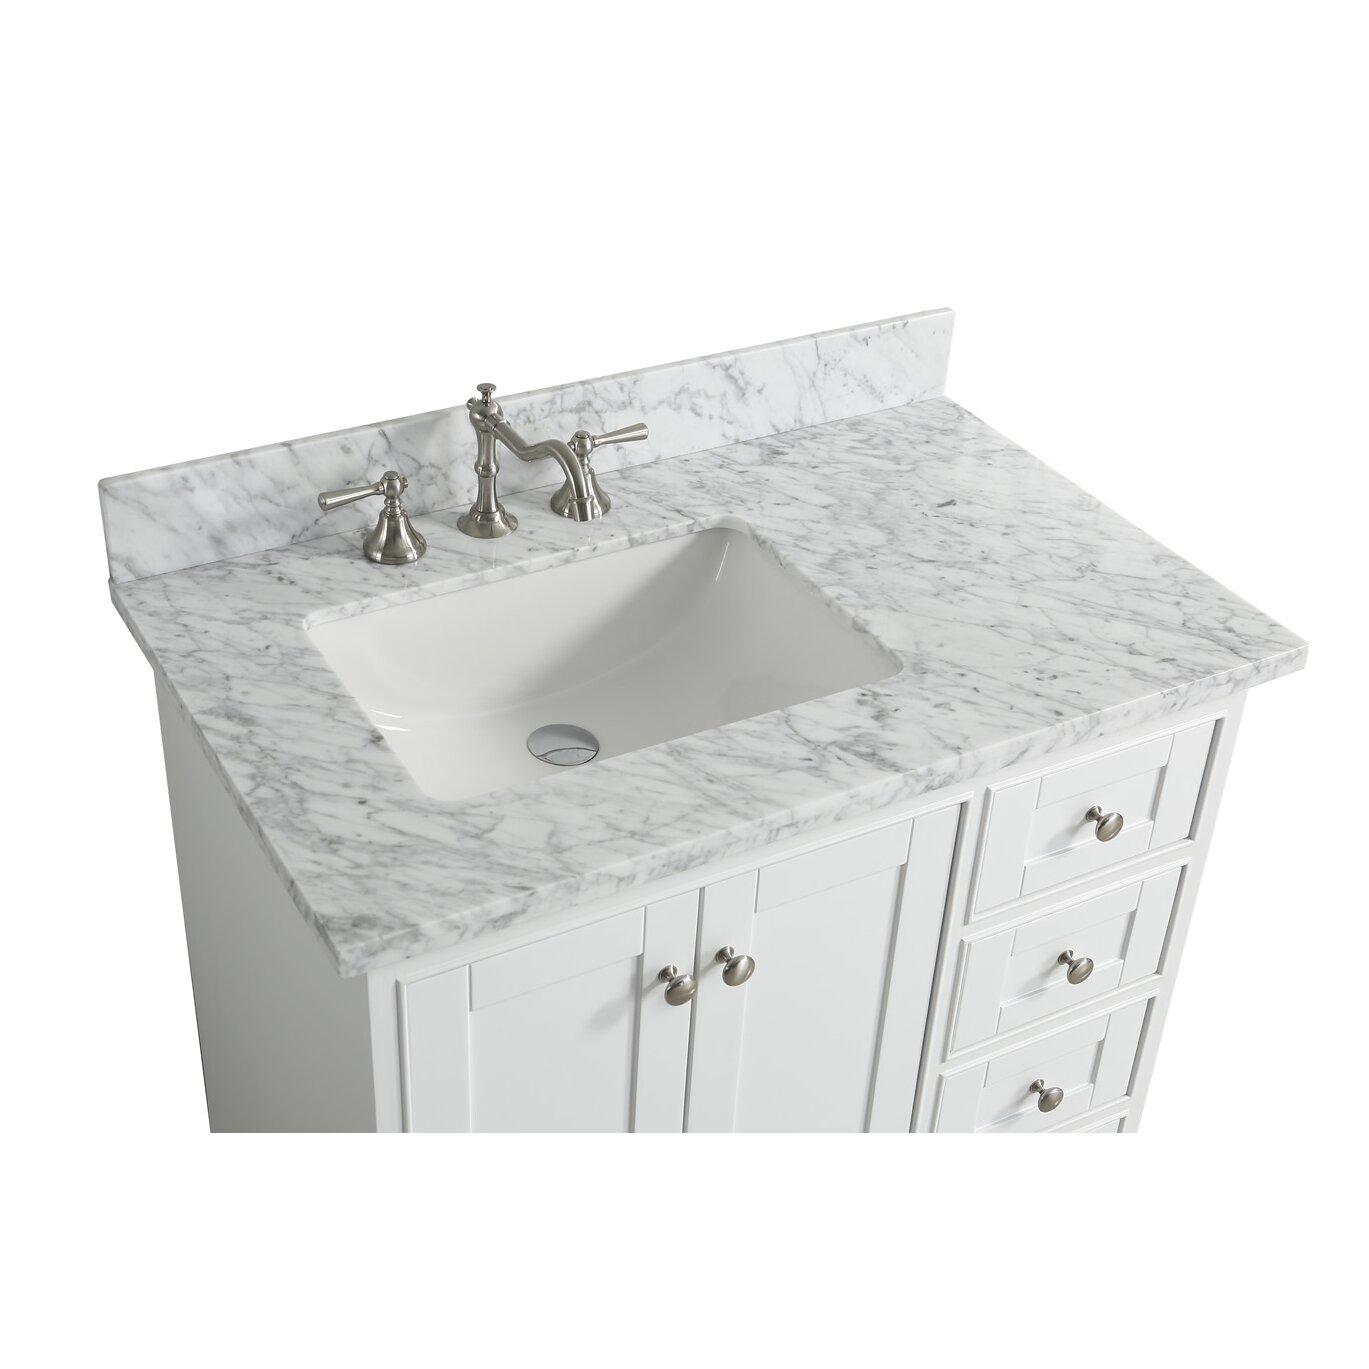 Bathroom Sink Material Urban Furnishings Jocelyn 36 Bathroom Sink Vanity Set With Mirror